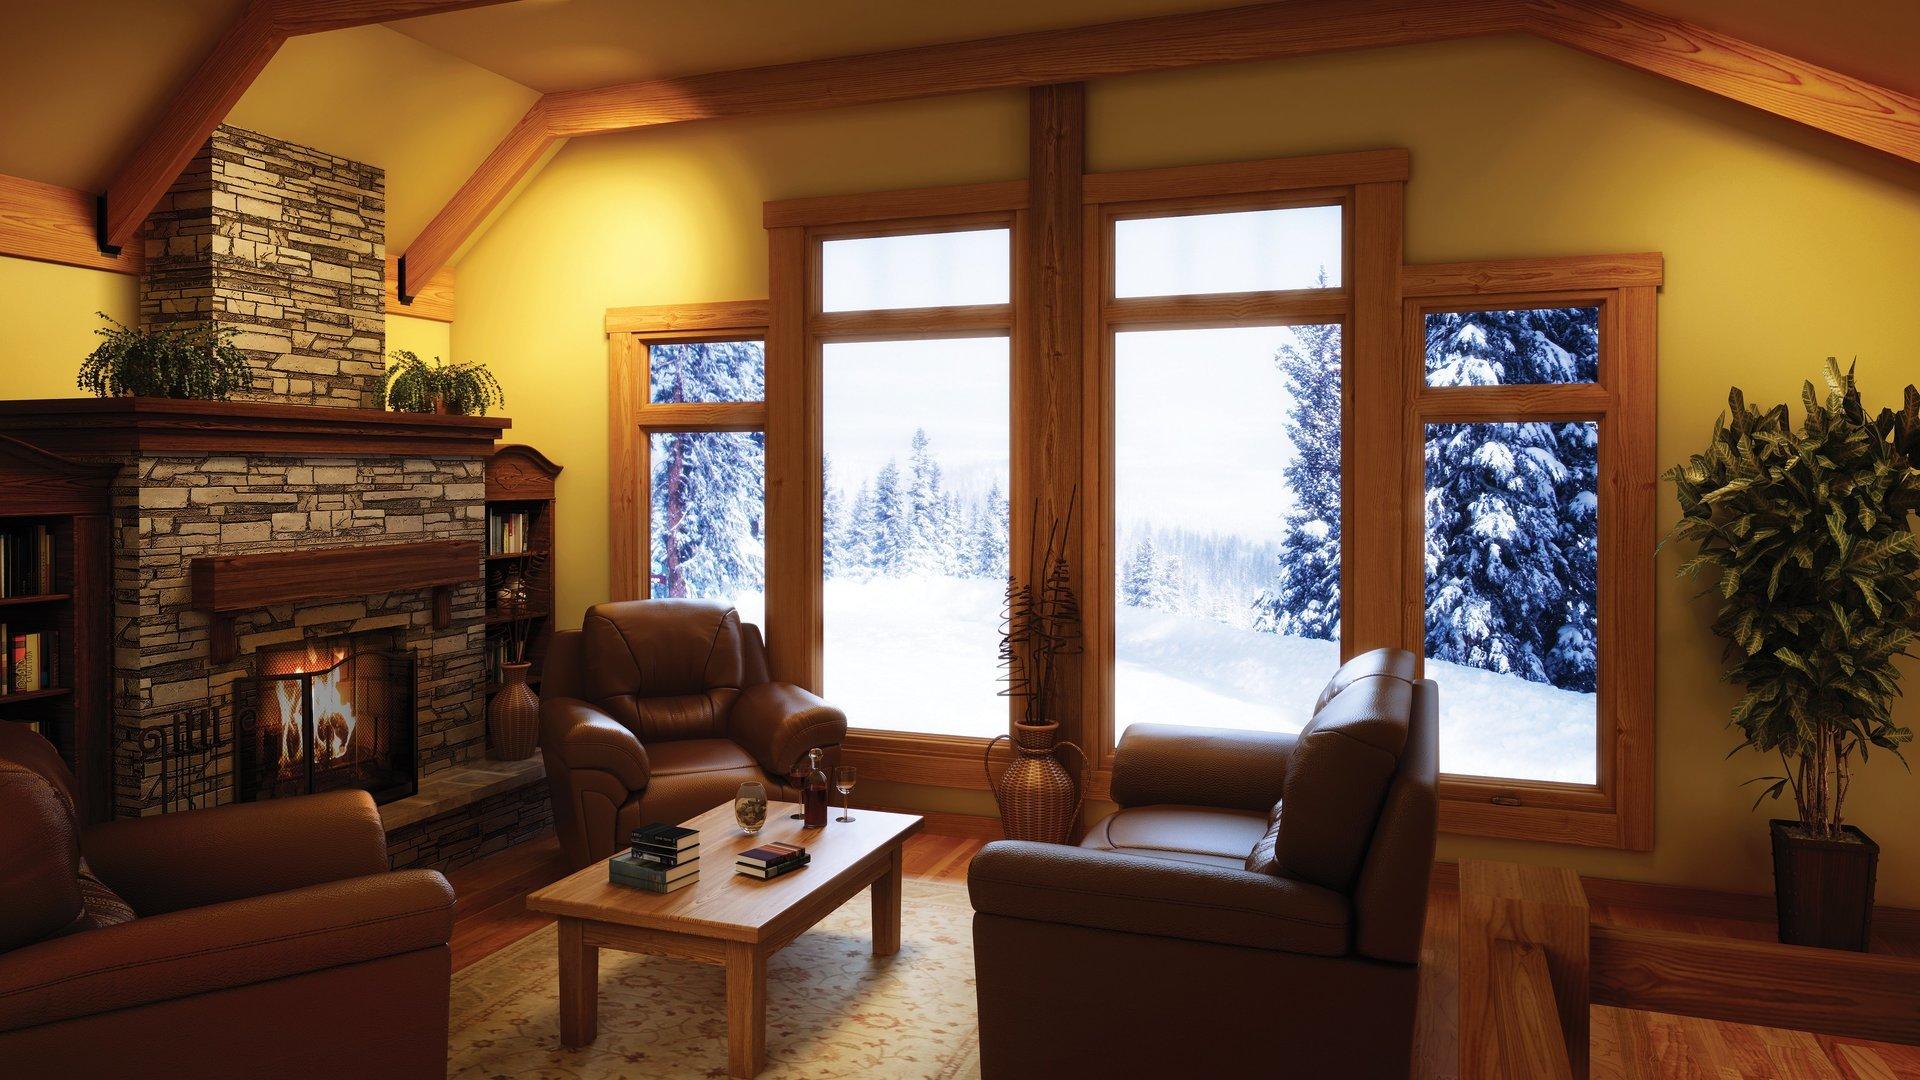 Clarkston Window & Door image 9